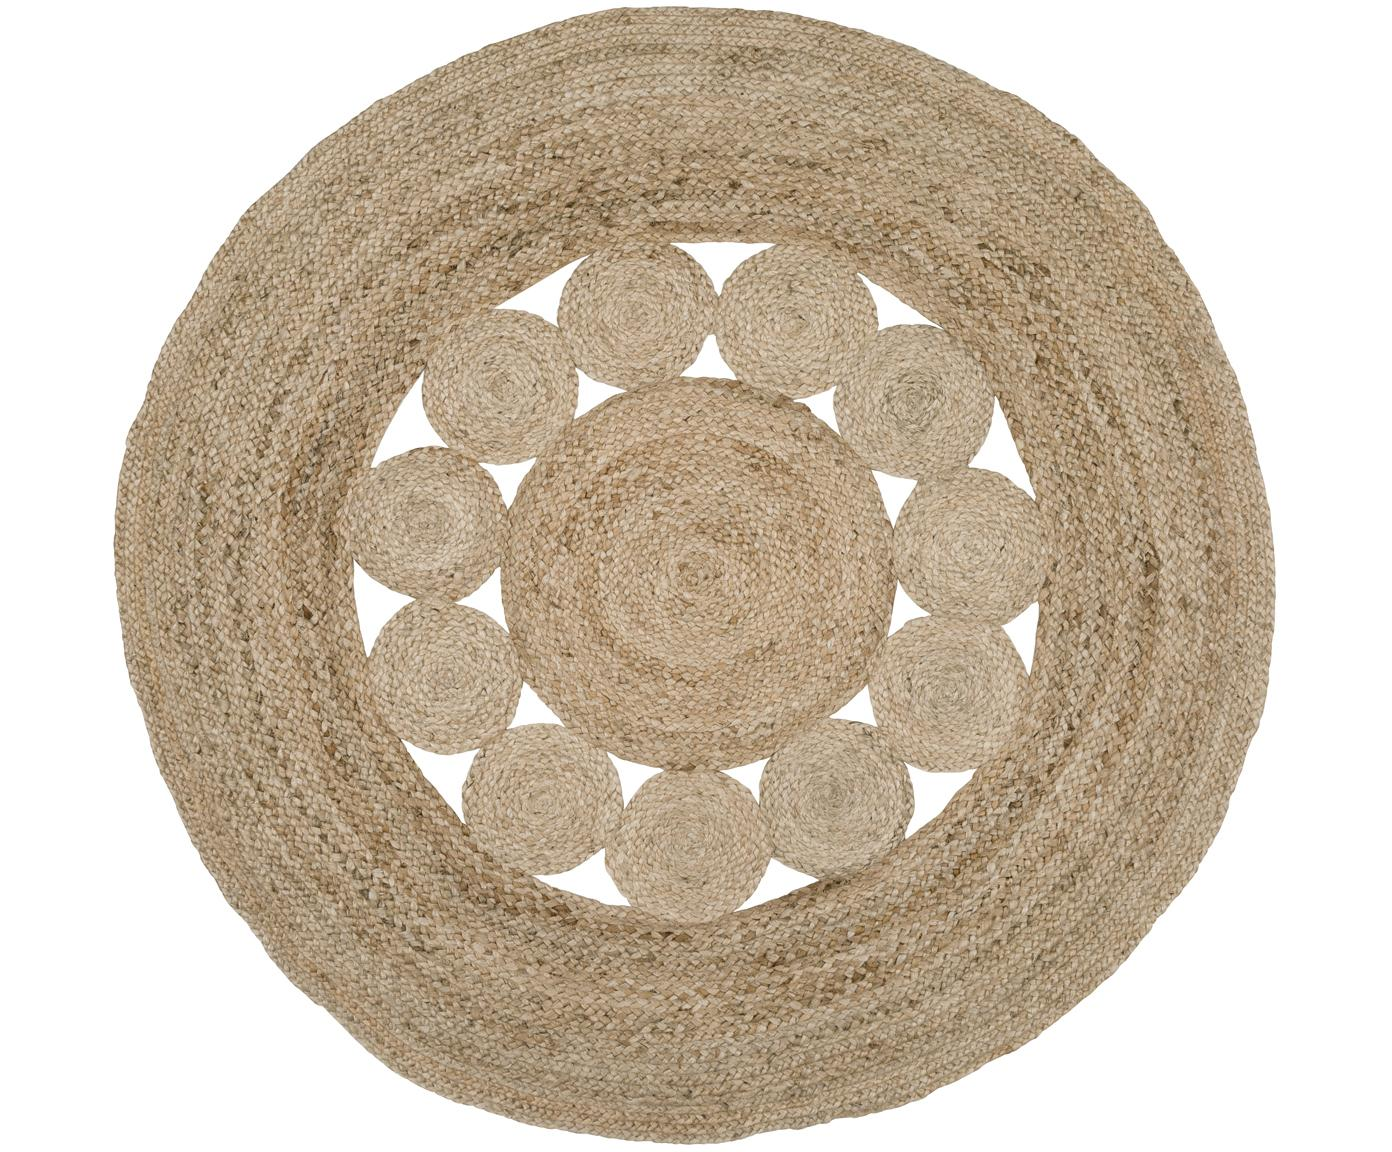 Runder Jute-Teppich Tapu im Boho Style, handgefertigt, Beige, Ø 150 cm (Grösse M)